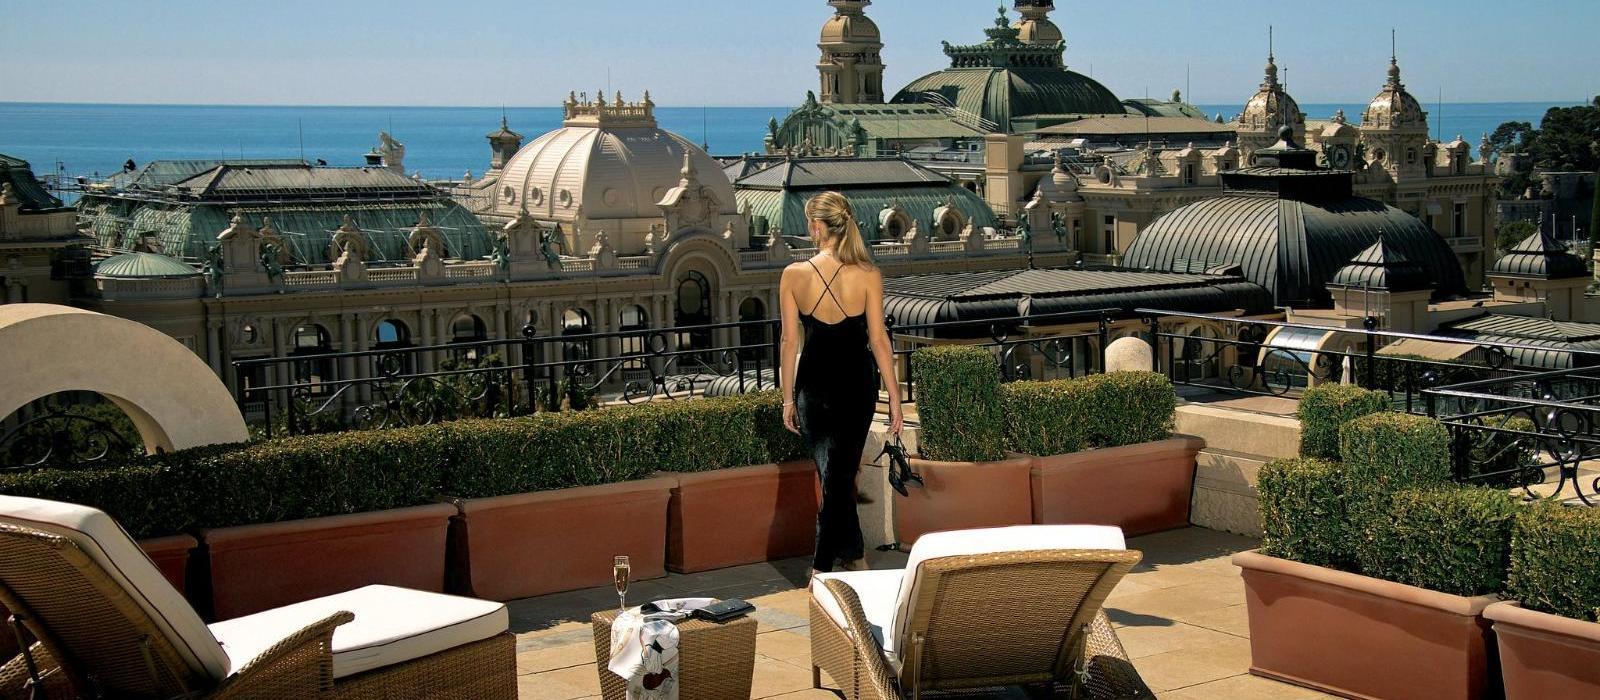 蒙特卡洛大都会酒店(Hotel Metropole Monte-Carlo) 金色转角套房露台图片  www.lhw.cn